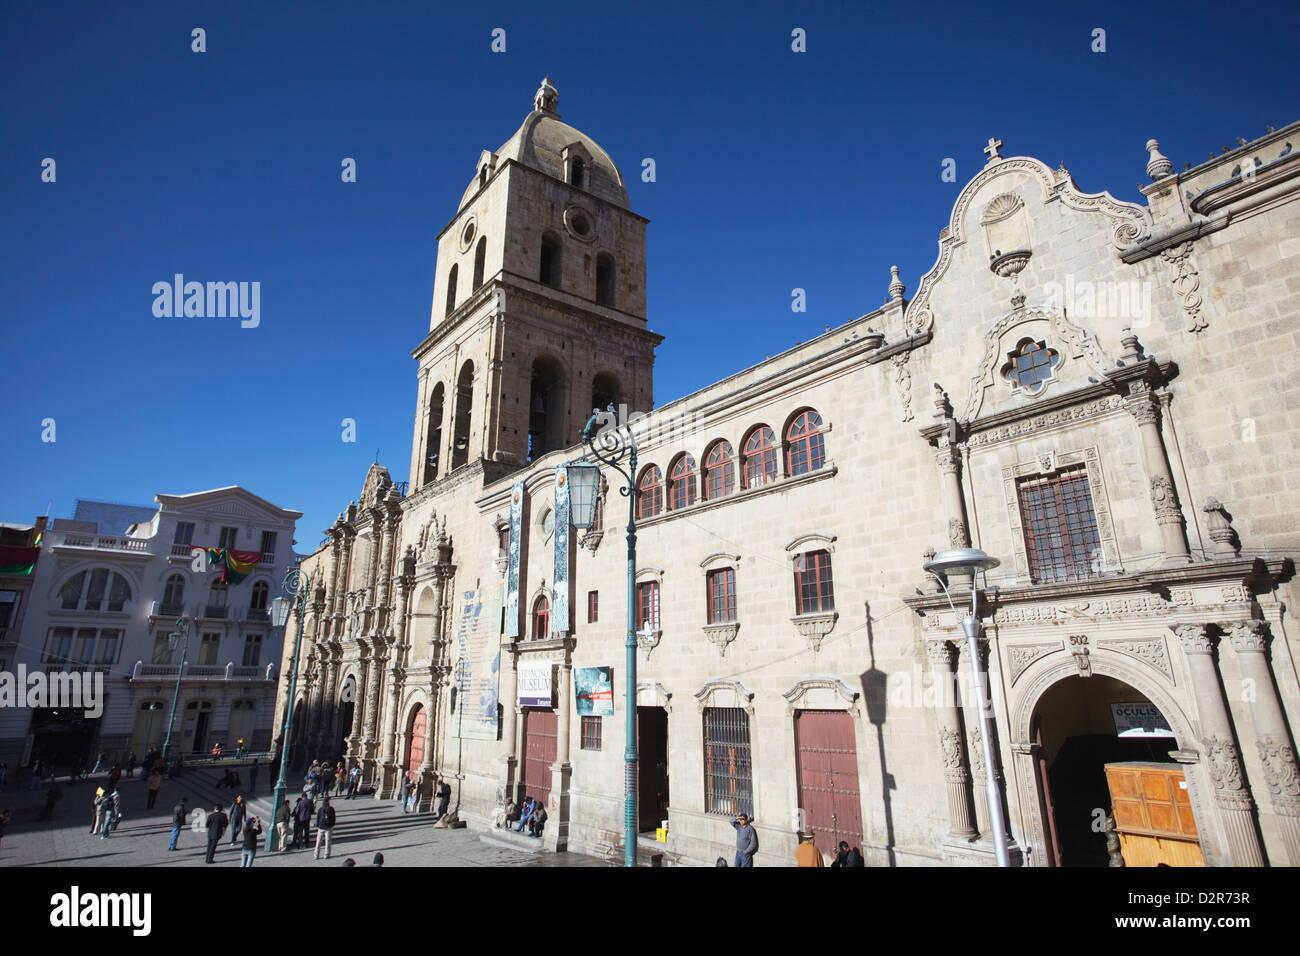 Eglise de San Francisco sur la Plaza San Francisco, La Paz, Bolivie, Amérique du Sud Photo Stock